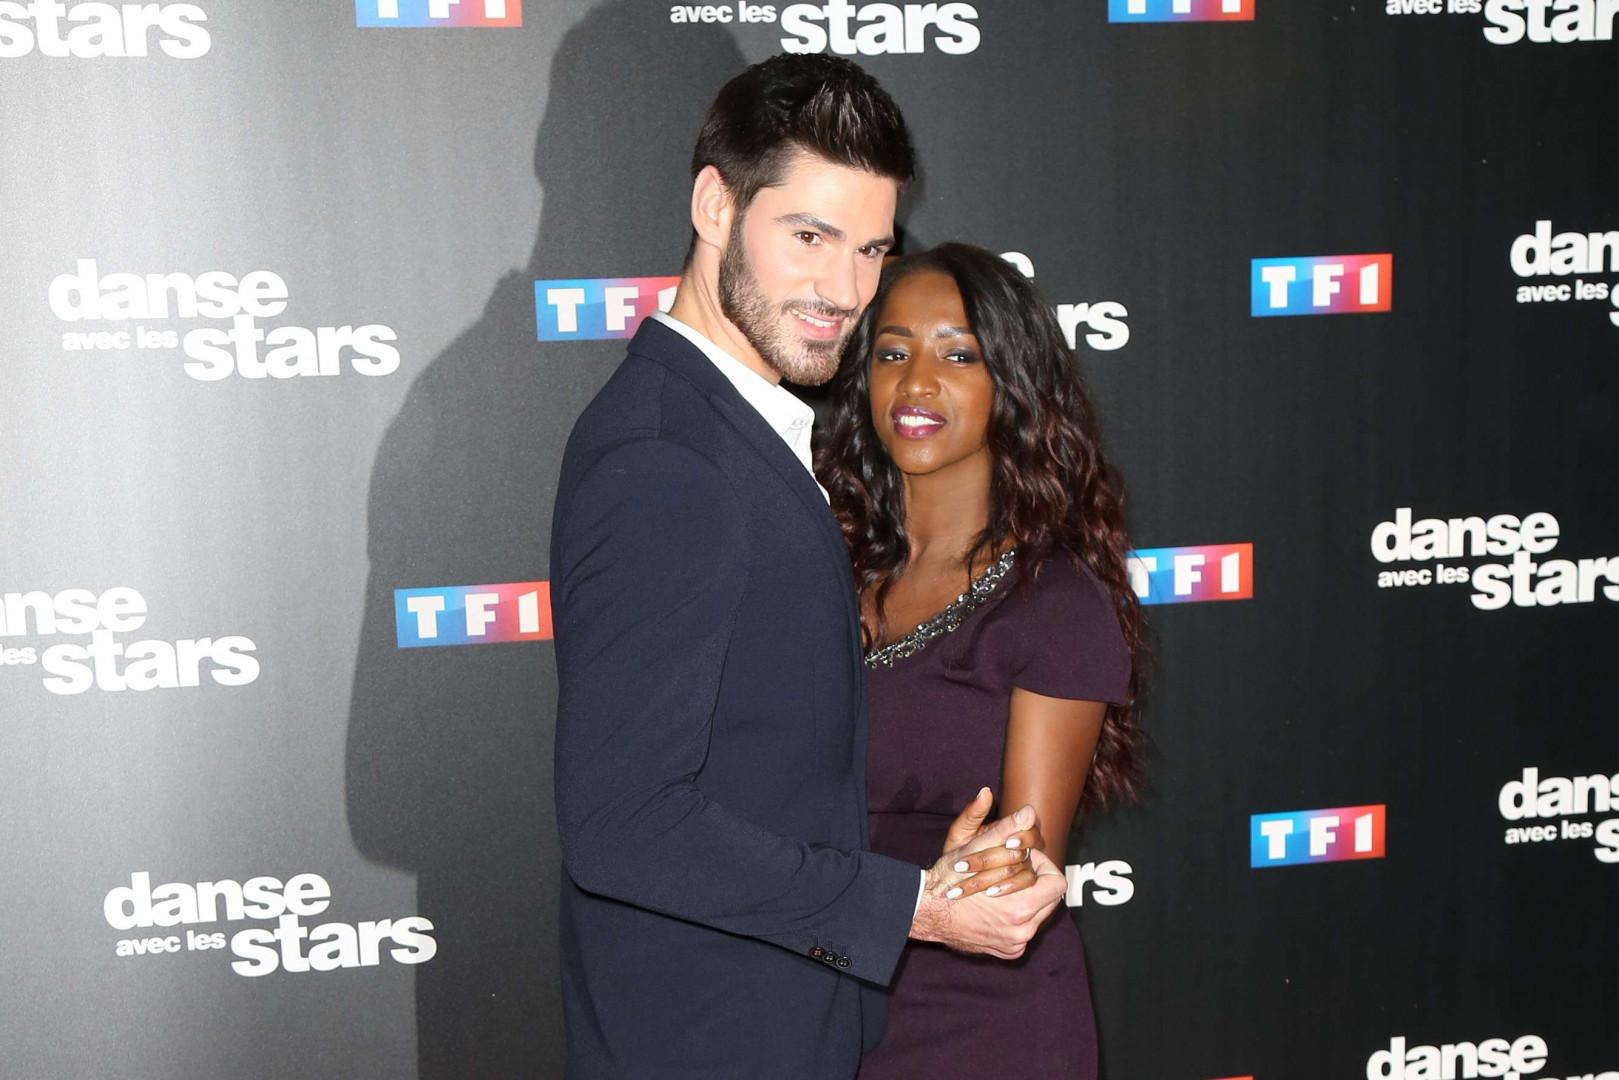 La présentatrice télé Hapsatou Sy dansera avec Jordan Mouillerac